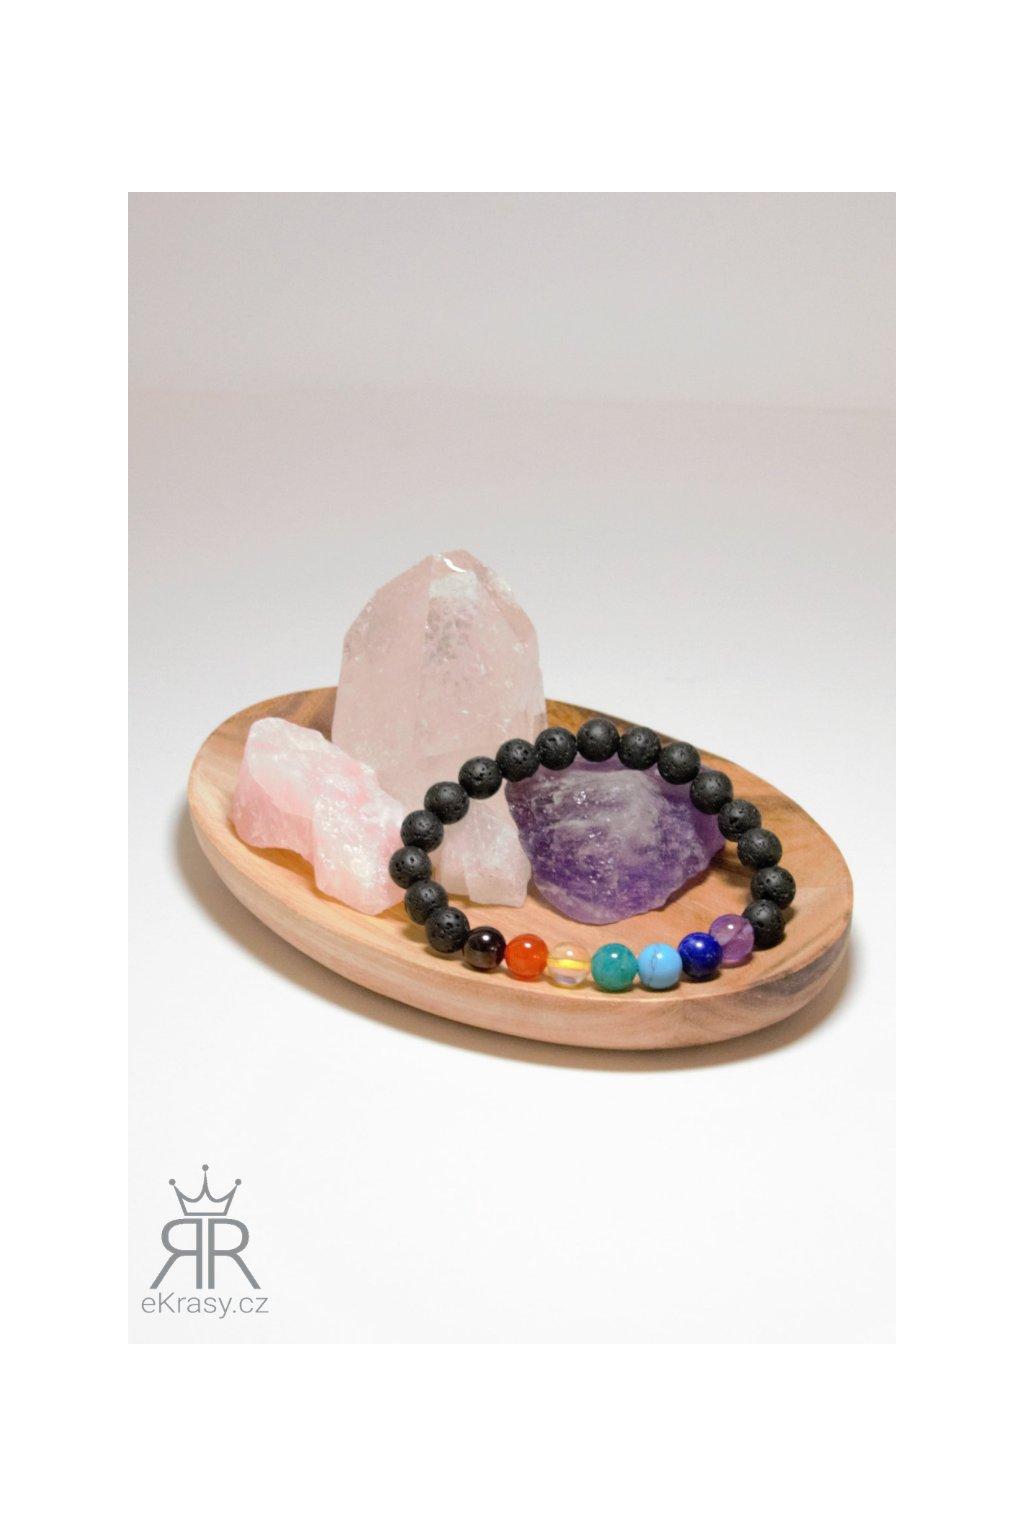 eKrasy náramek Čakry Dua s drahými kameny - brazilský granát, karneol, citrín, amazonit, tyrkenit, lapis lazuli a ametyst, láva